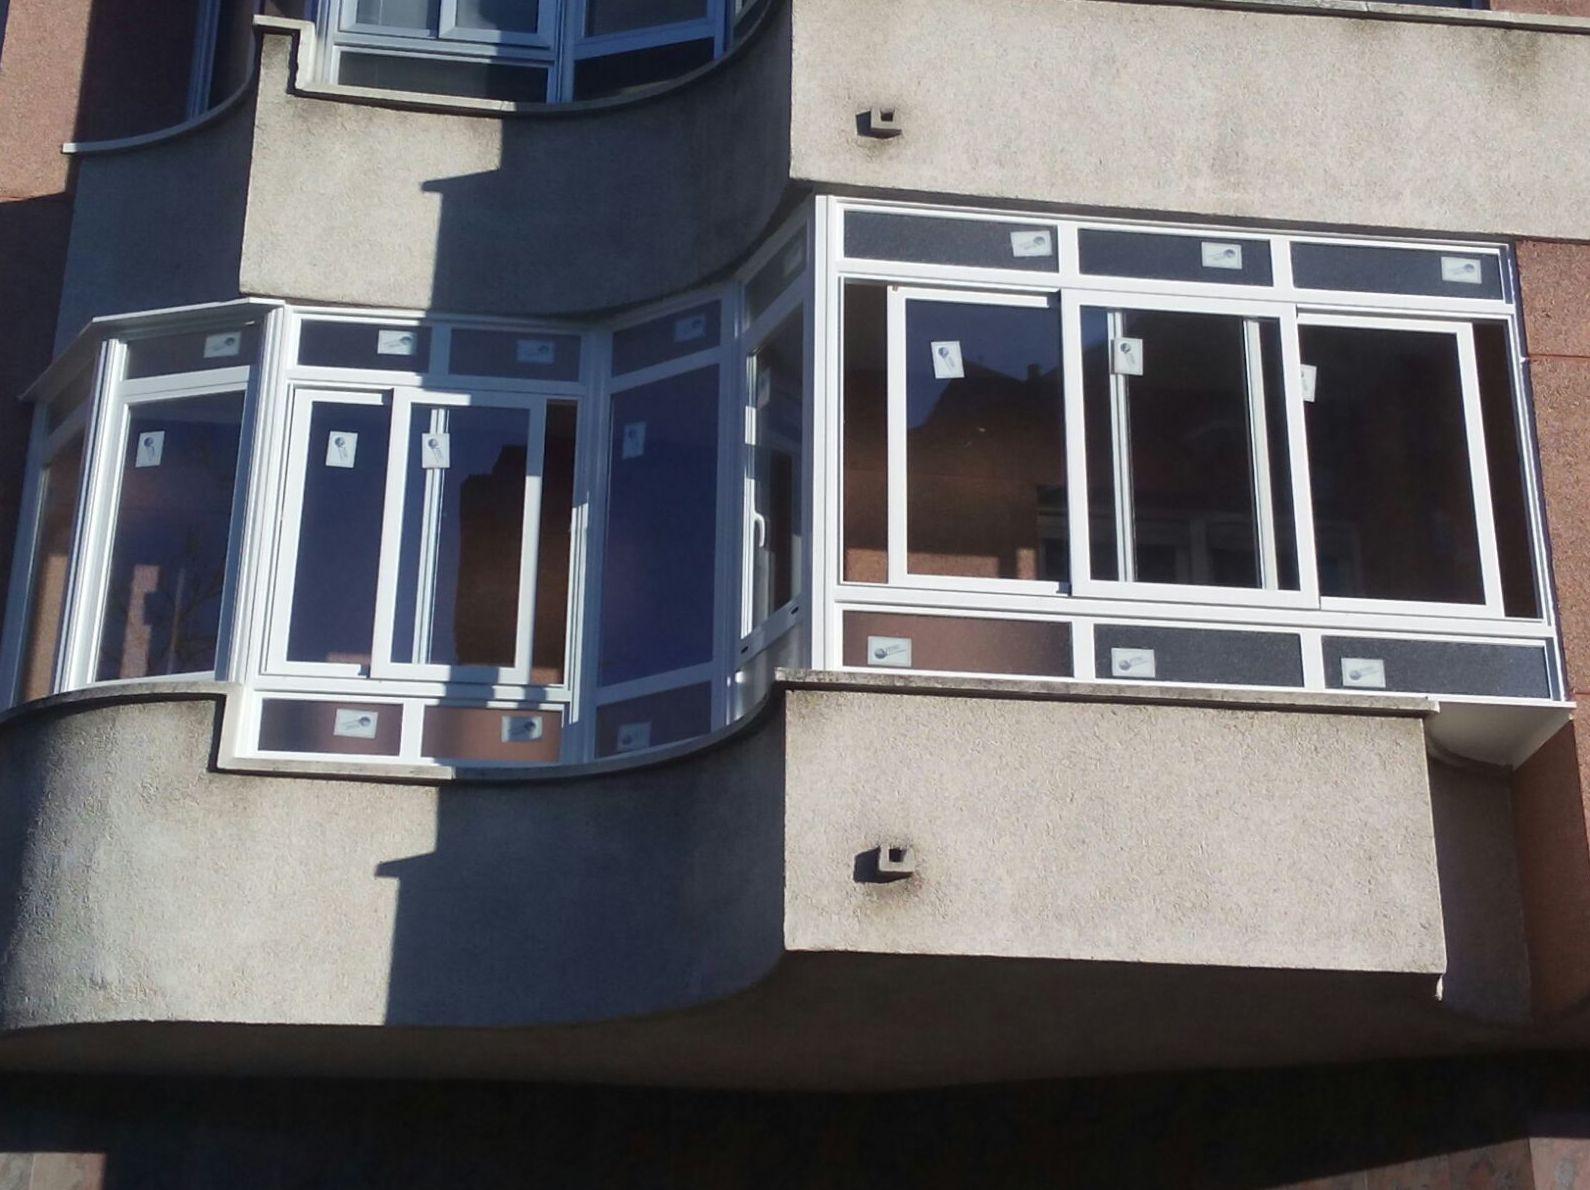 Foto 16 de Carpintería de aluminio, metálica y PVC en Vitoria-Gasteiz | Zurgal Aluminios, S.L.